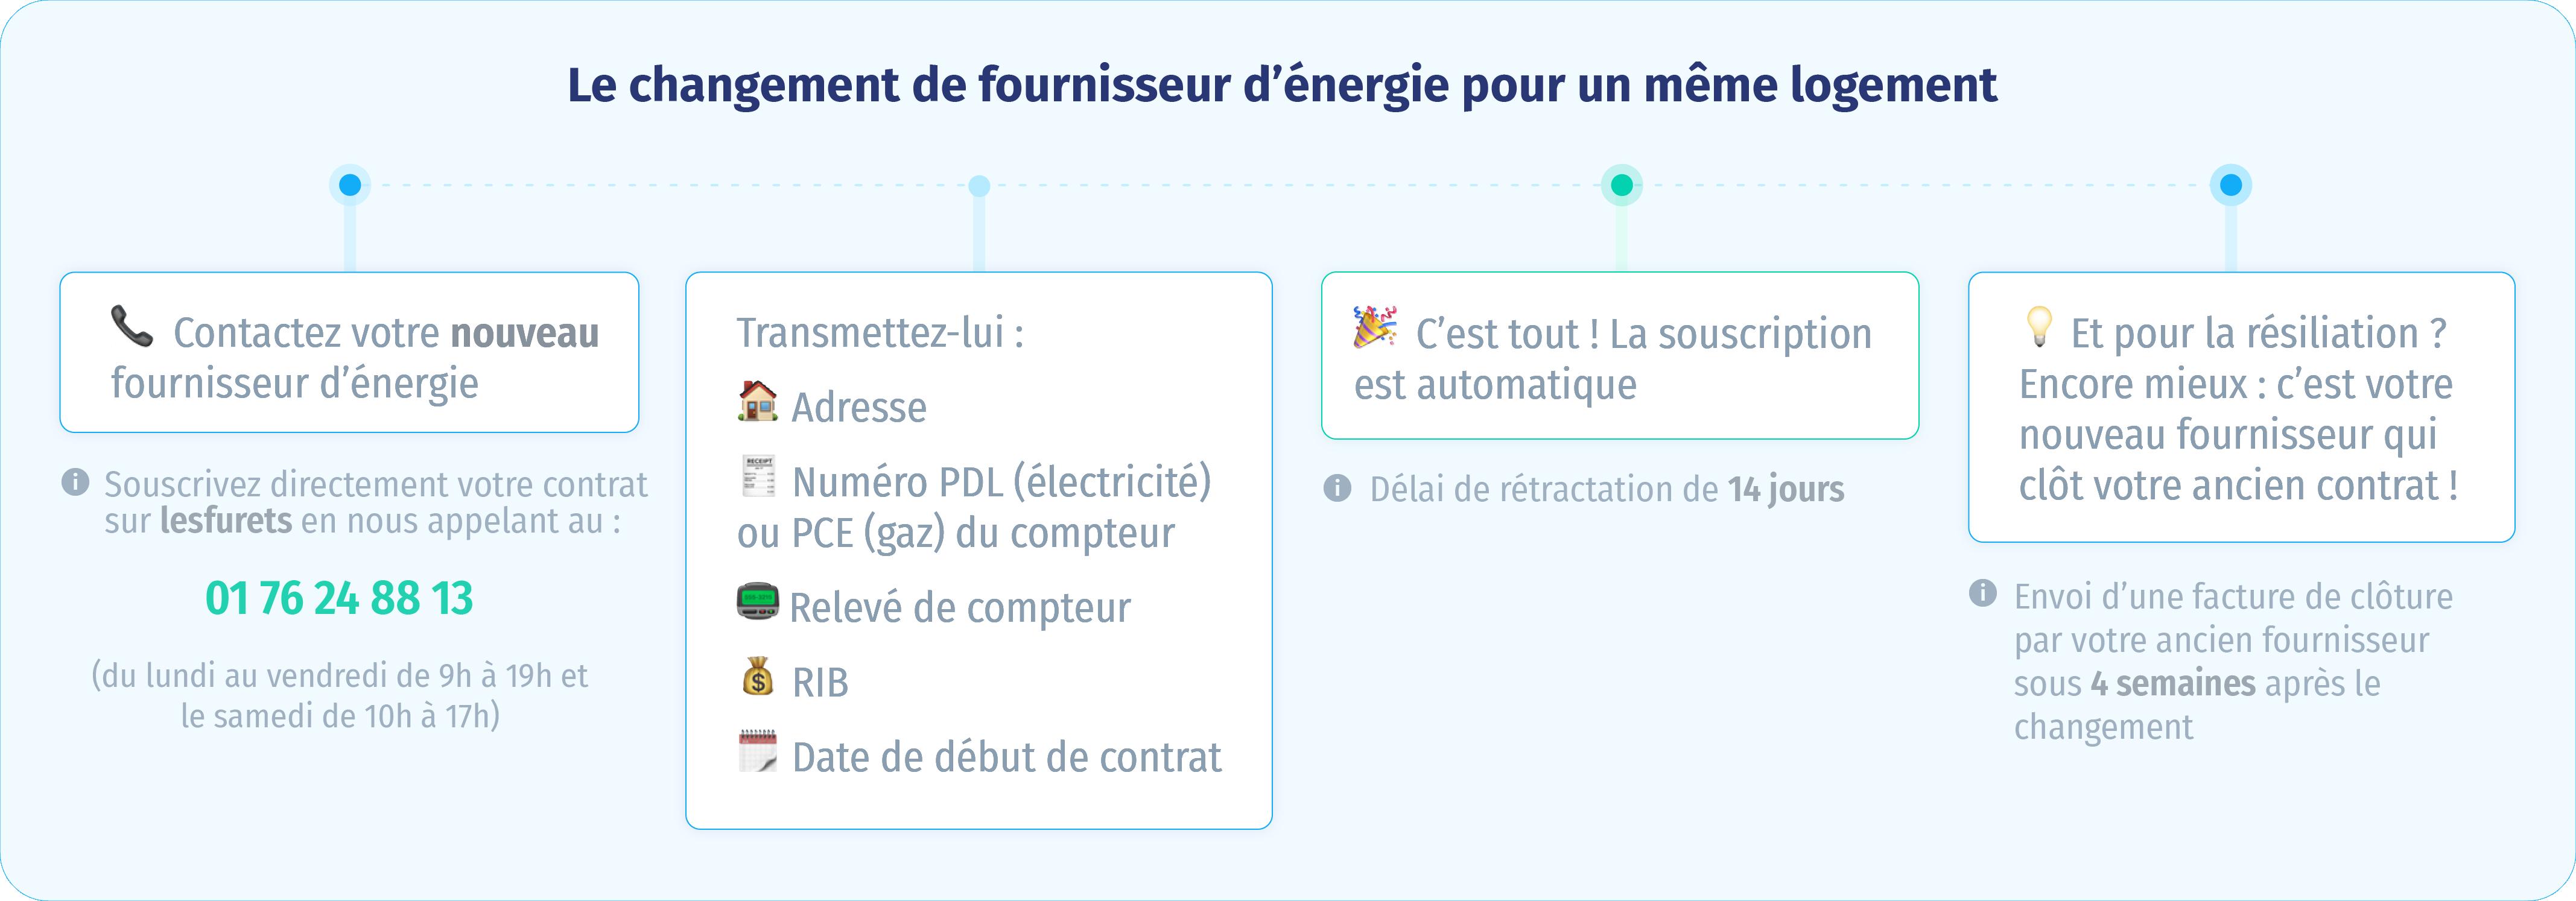 changer-fournisseur-energie-meme-logement